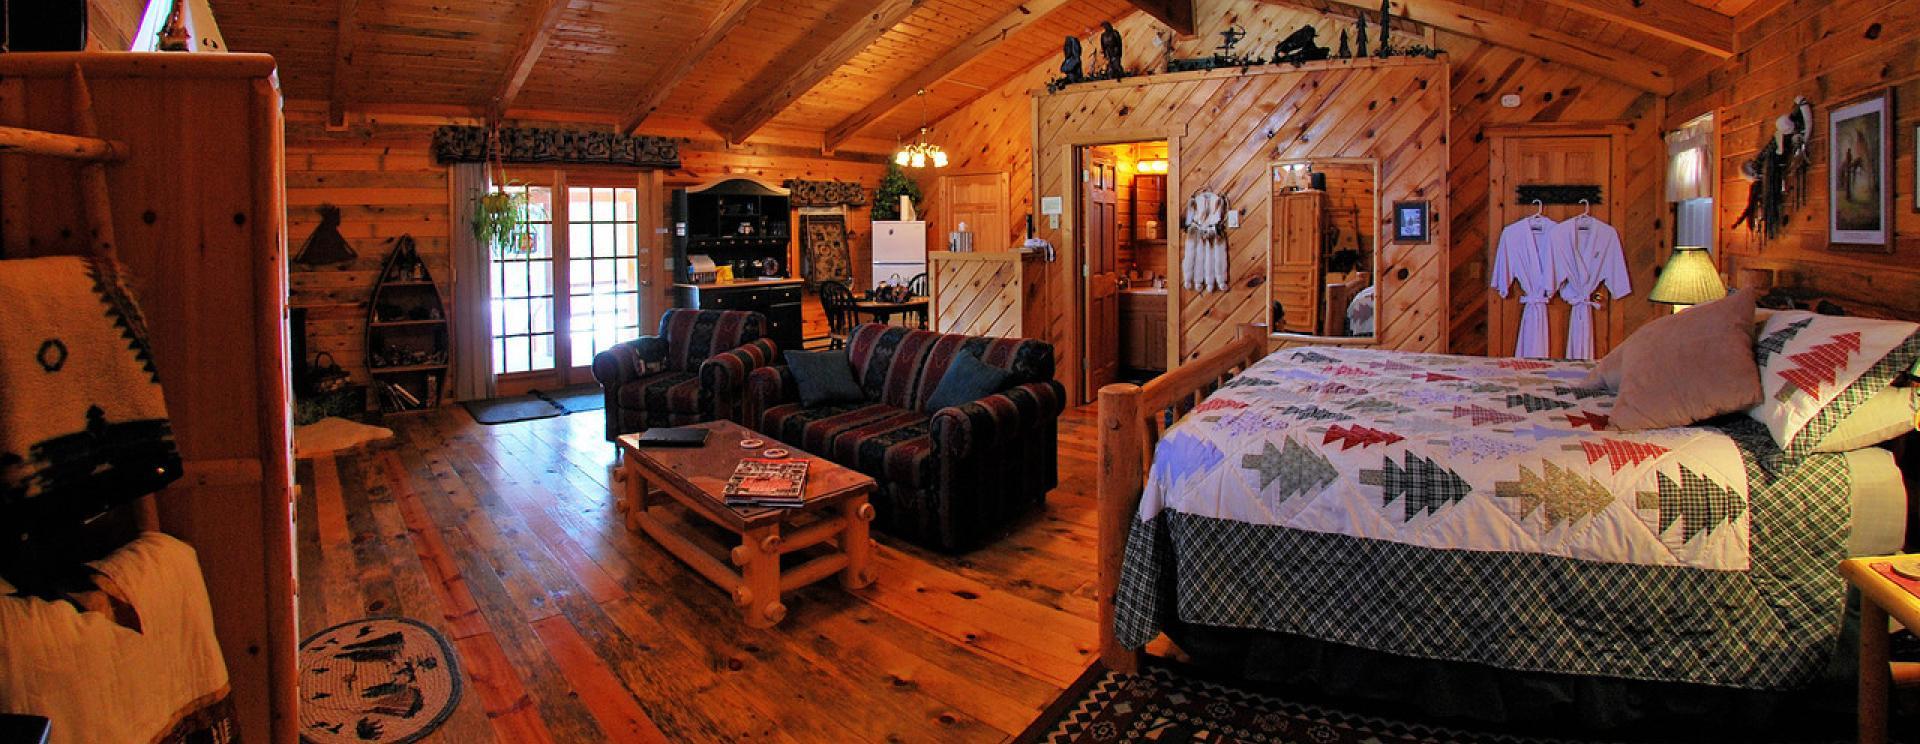 Legends Suites of Deadwood